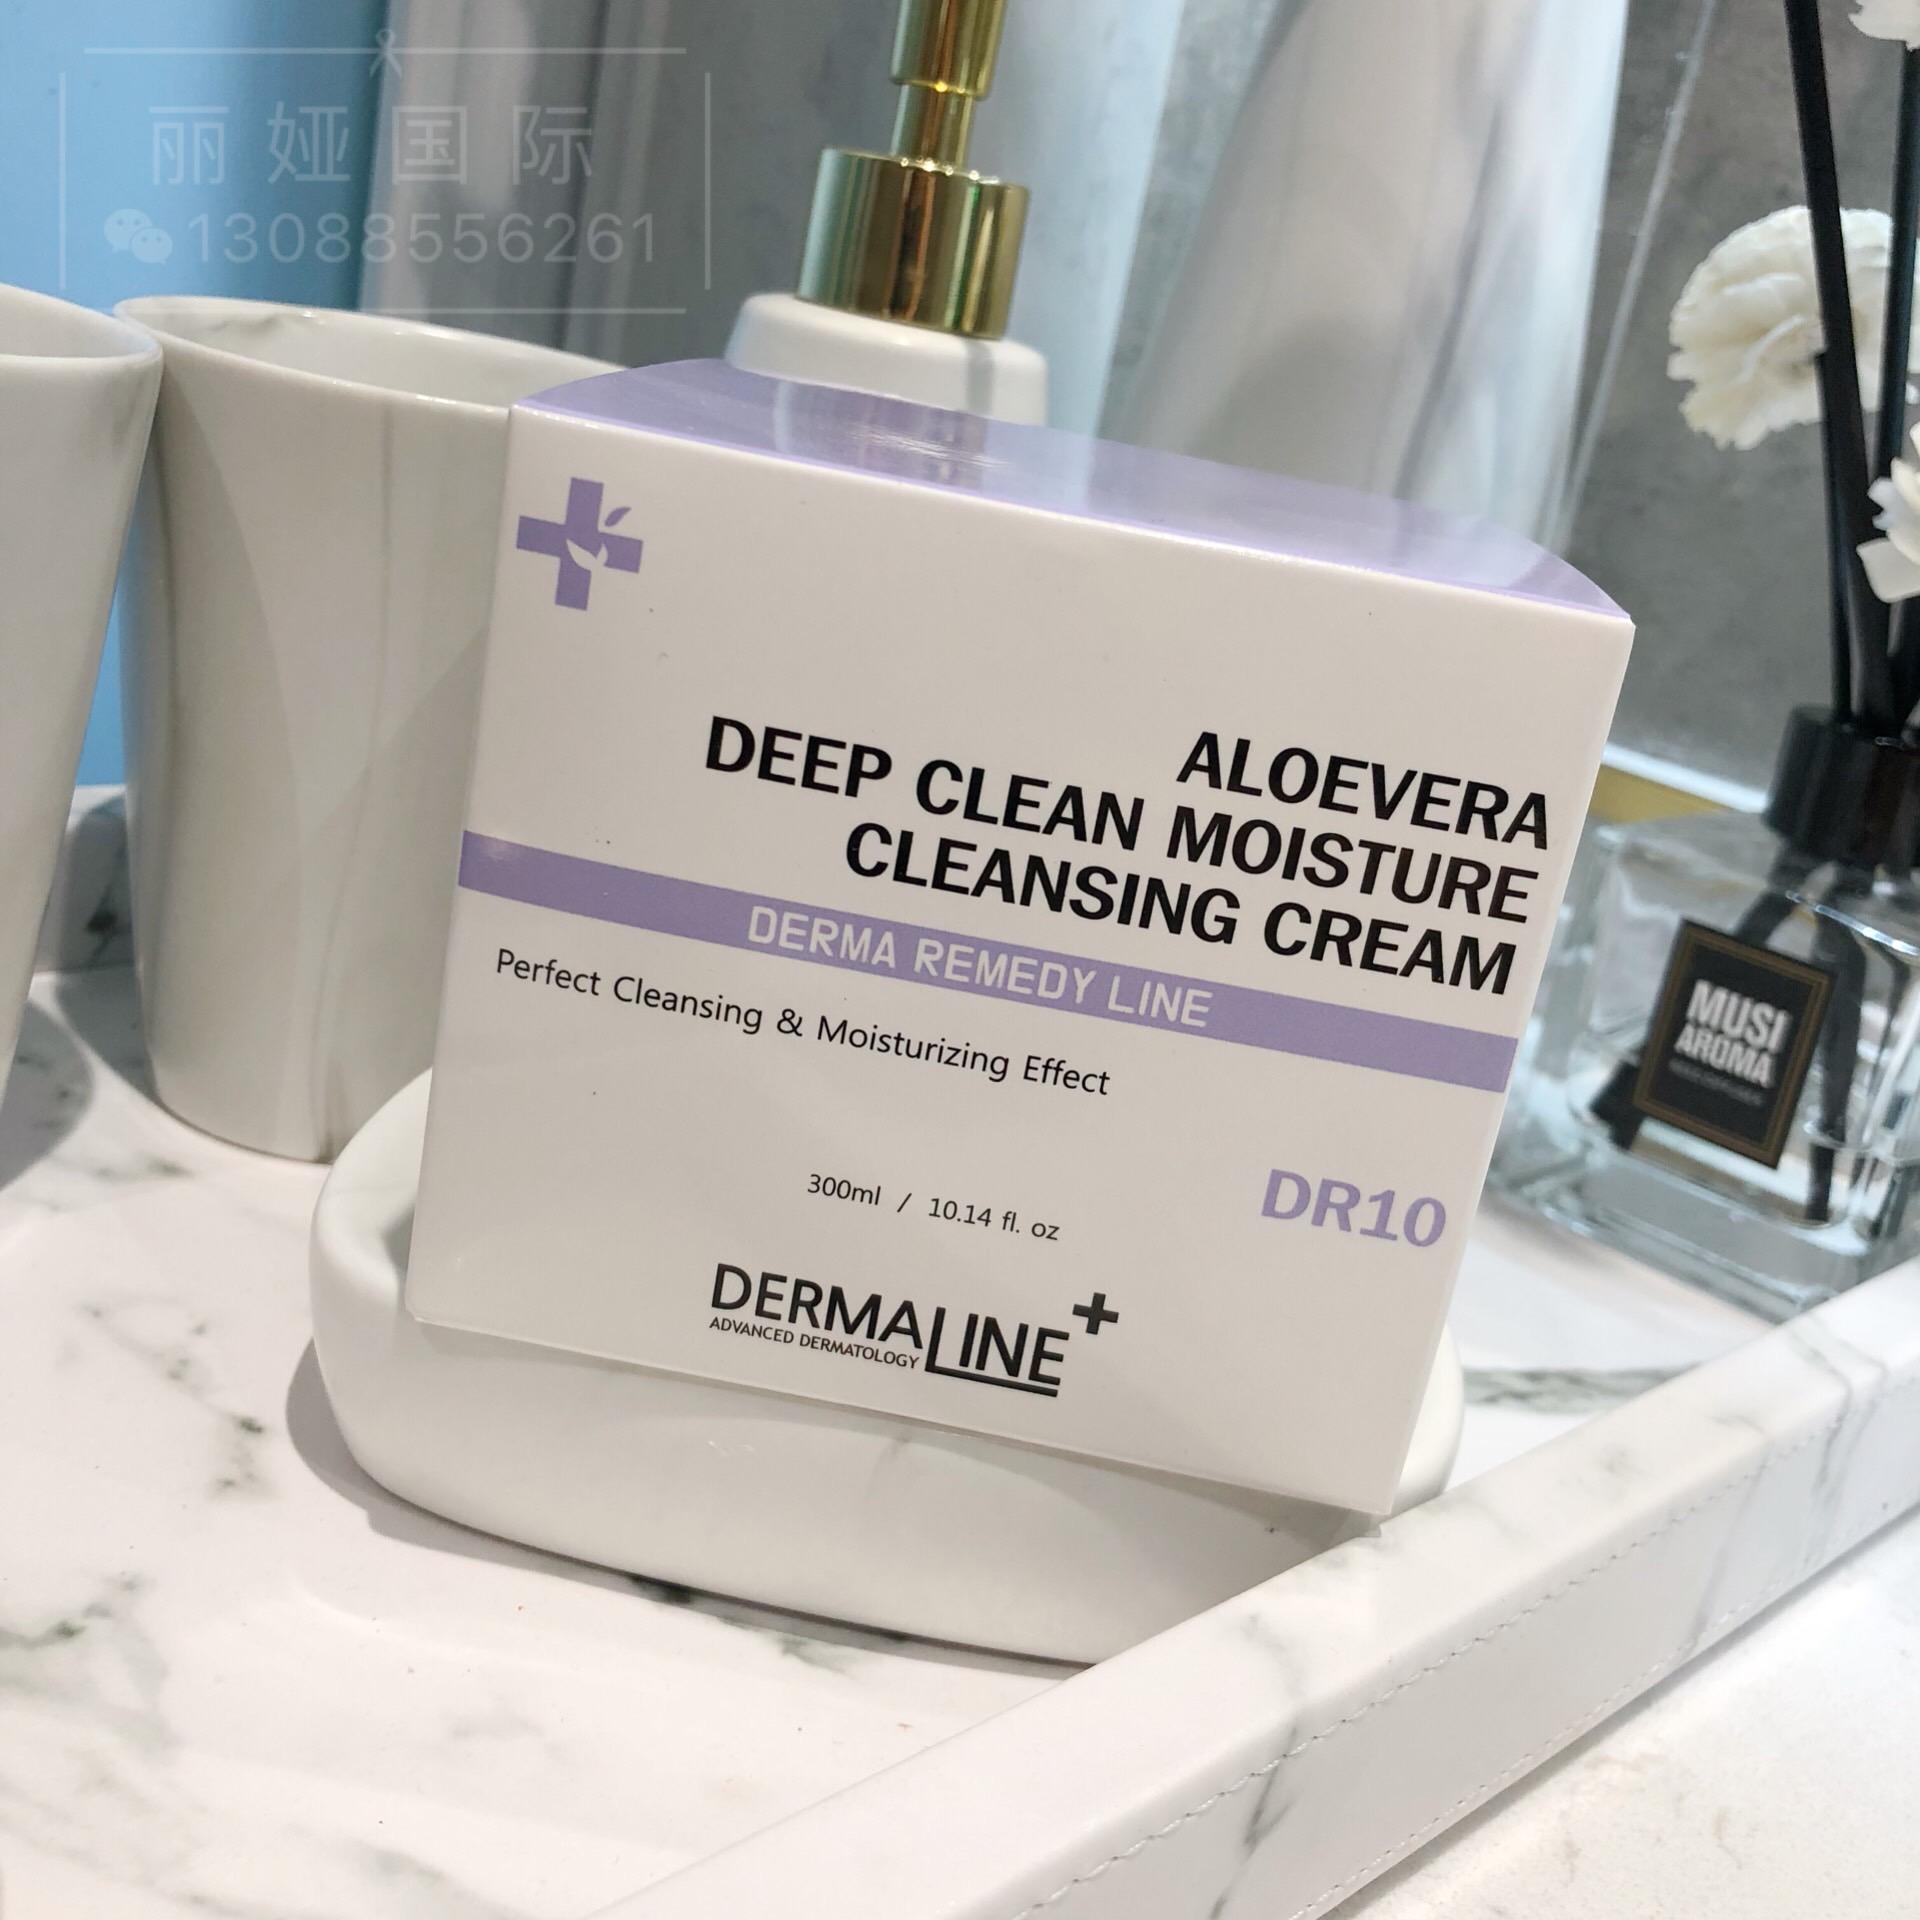 韩国皮肤管理科德娜 芦荟温和卸妆膏去油脂粒改善闭口  dermaline